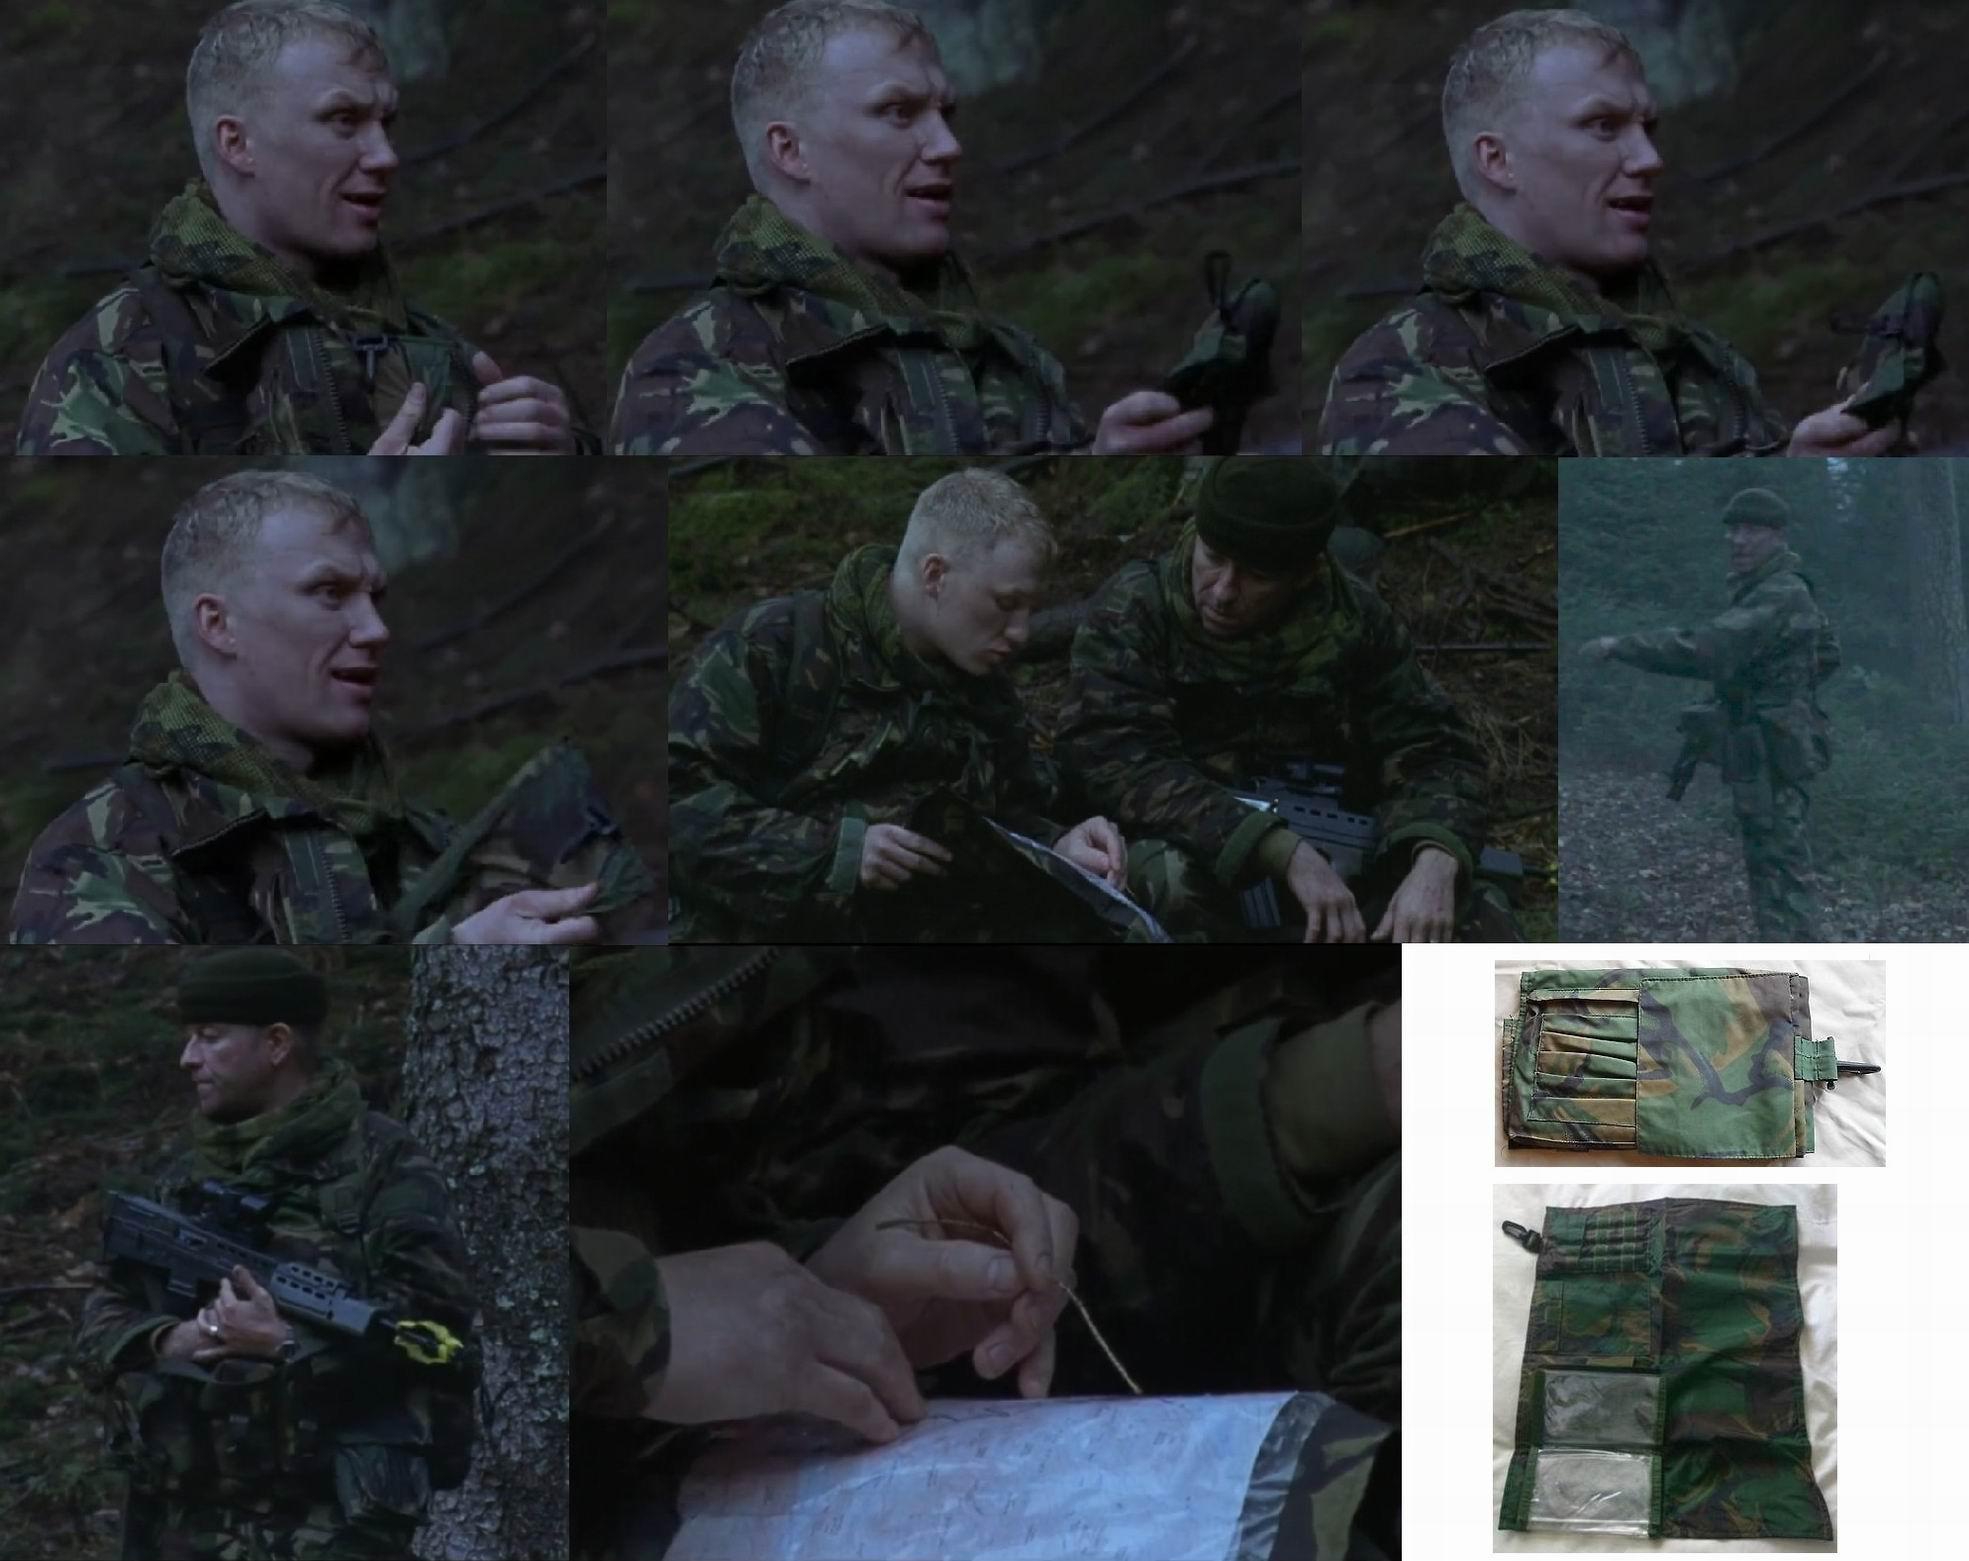 У Купера есть командирский мягкий «планшет» для карт – он носит его за пазухой. У Уэллся тоже, но на поясе слева.